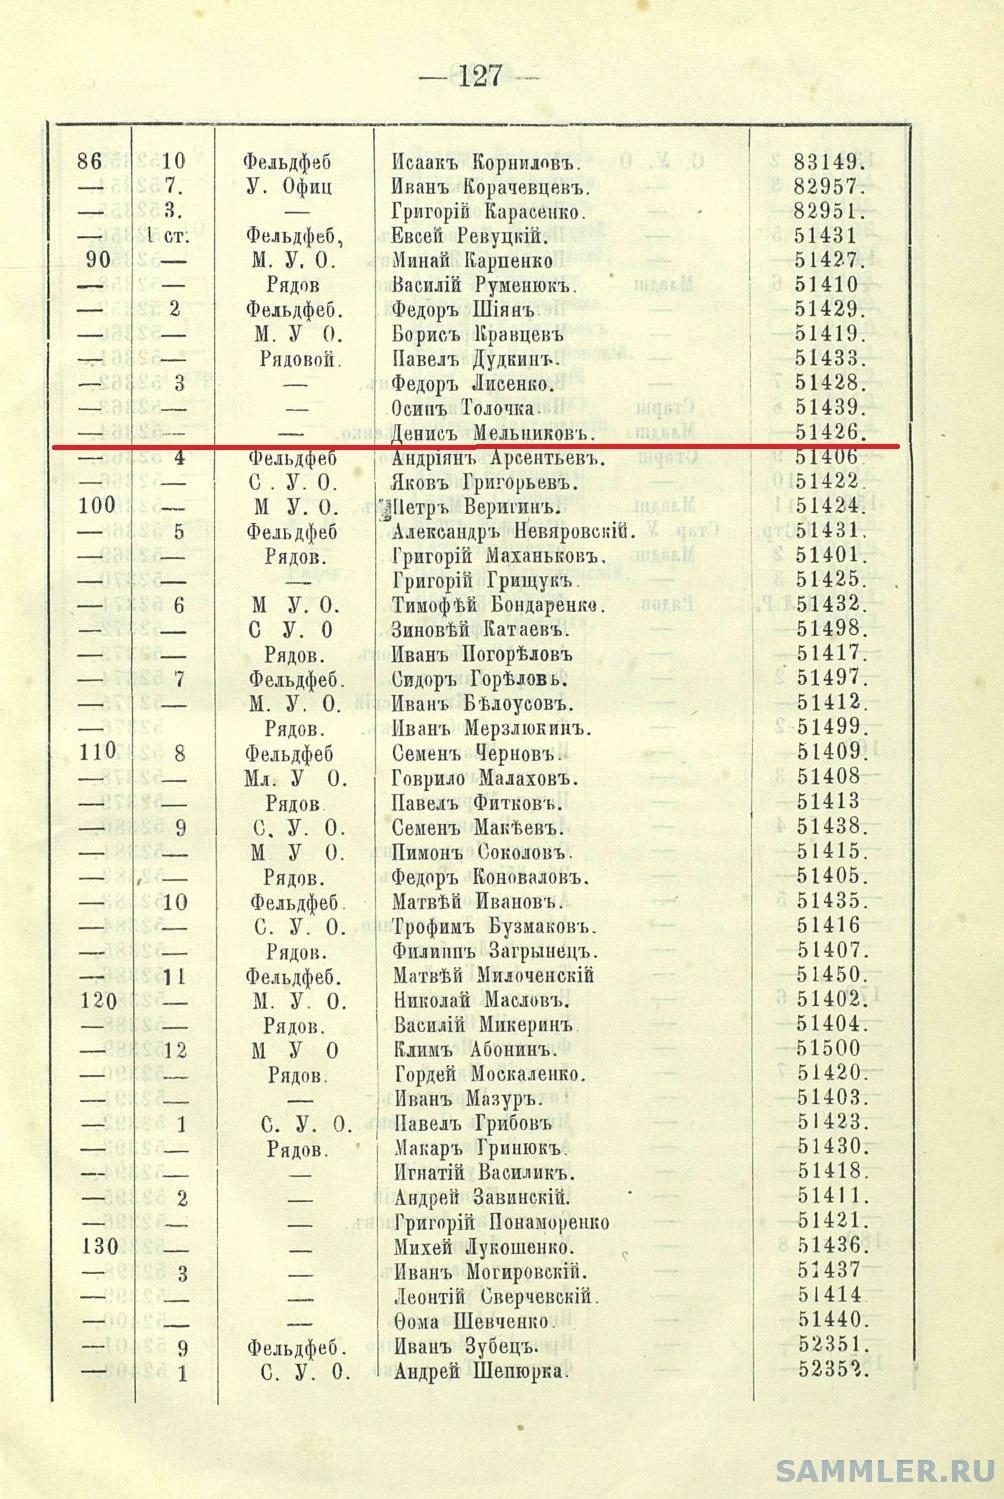 10-й Гренадерский Малороссийский полк (3).jpg